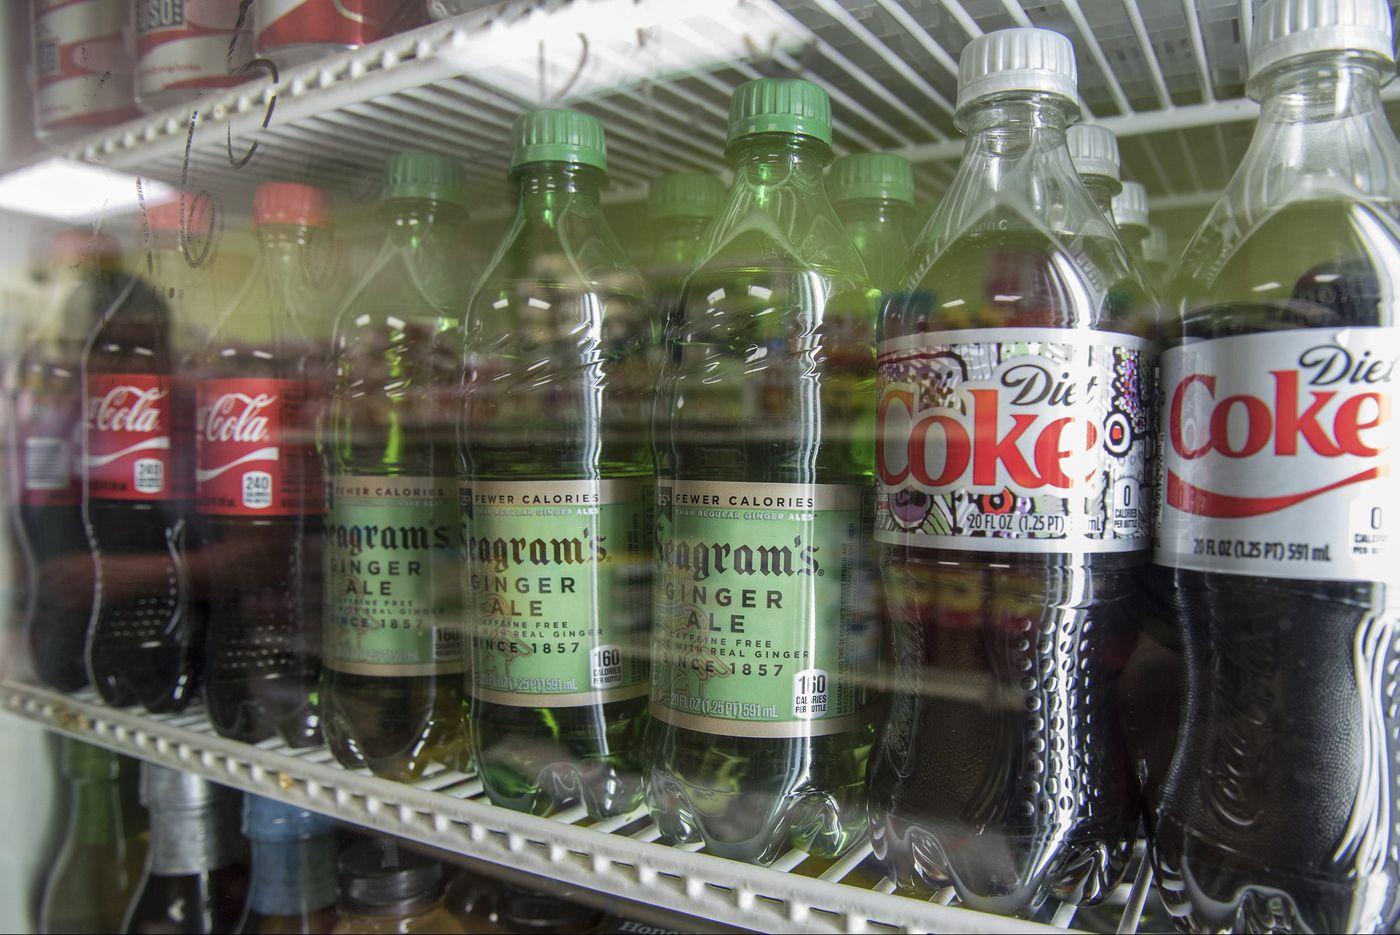 Philadelphia soda tax cut sugar intake by African American youth